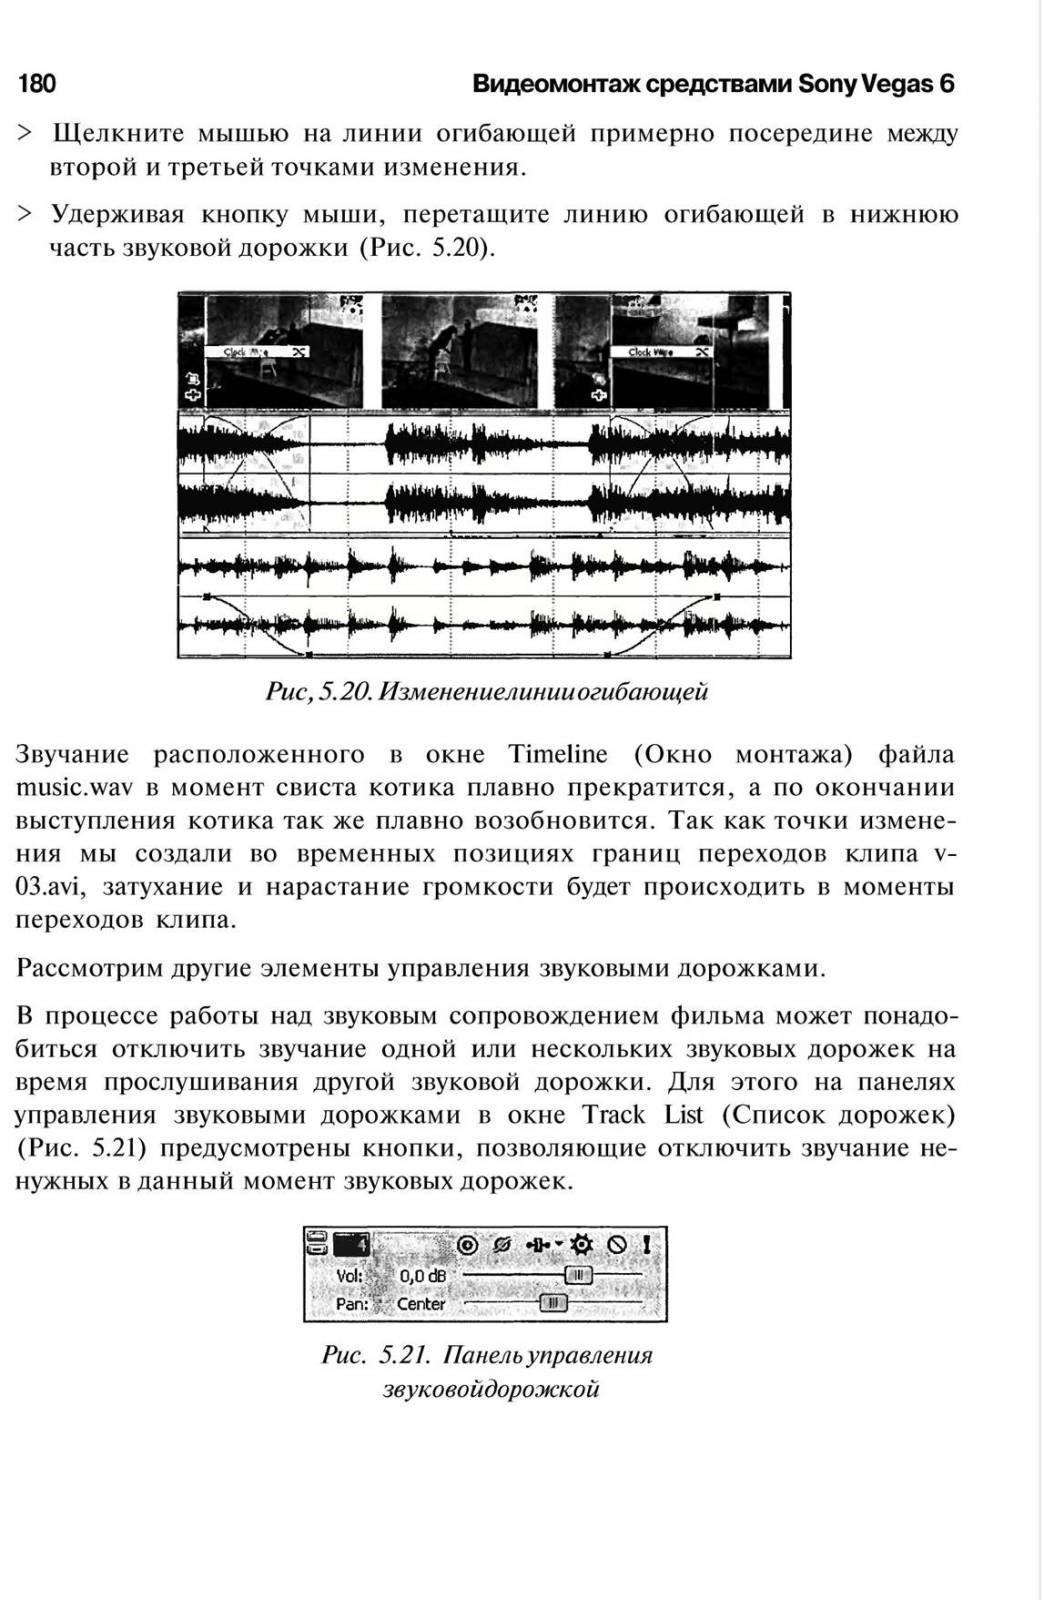 http://redaktori-uroki.3dn.ru/_ph/6/225942342.jpg